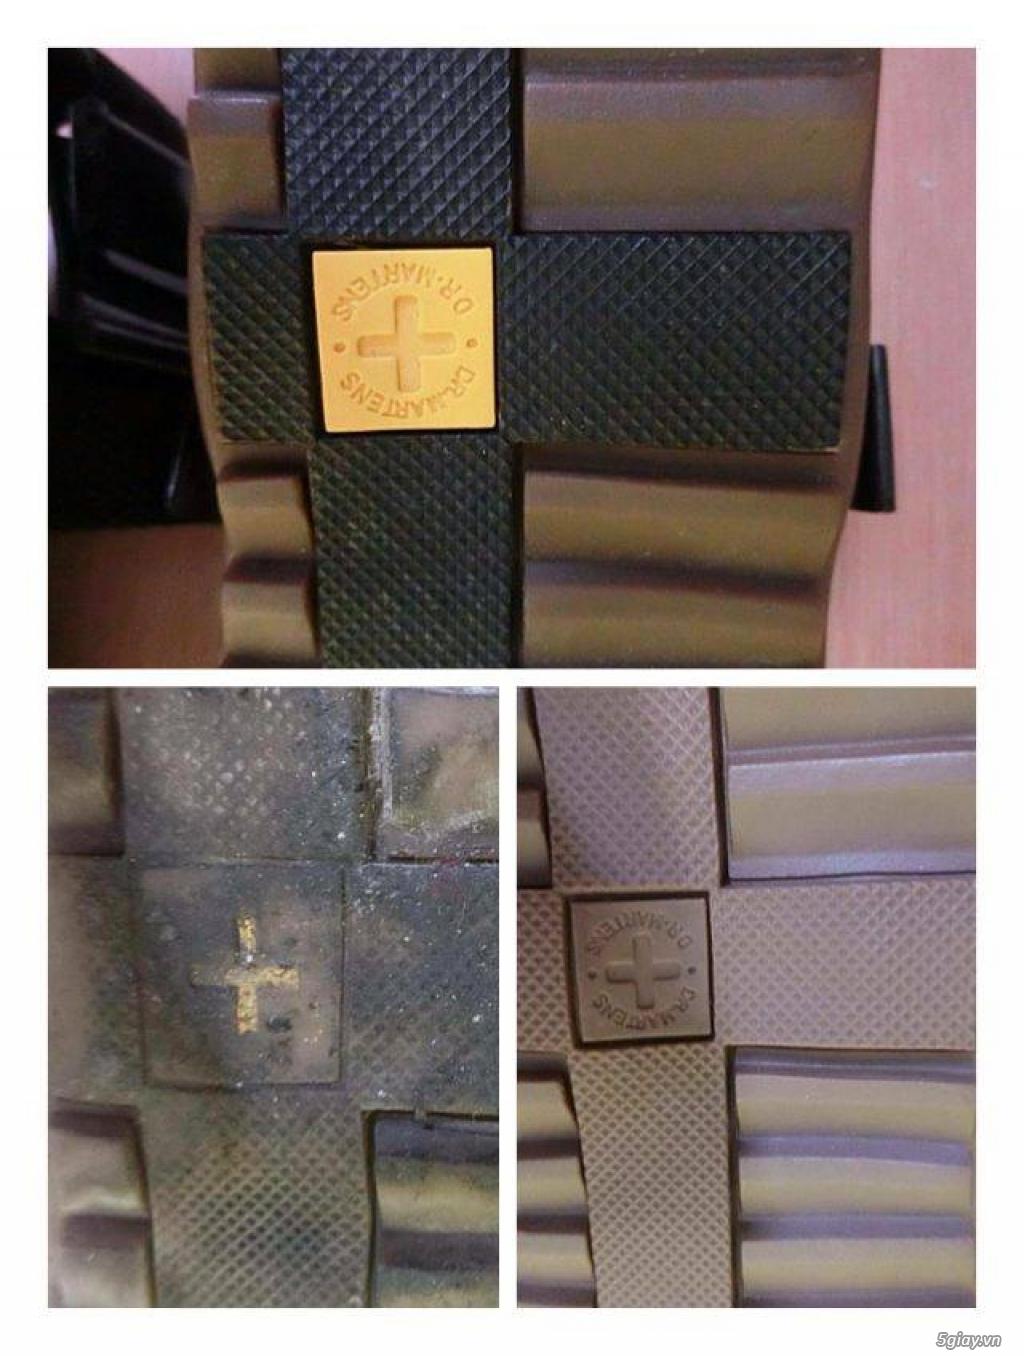 Sandal Dr Martens mẫu mã cực đẹp giá cực tốt ! Hàng bán rất chạy - 27